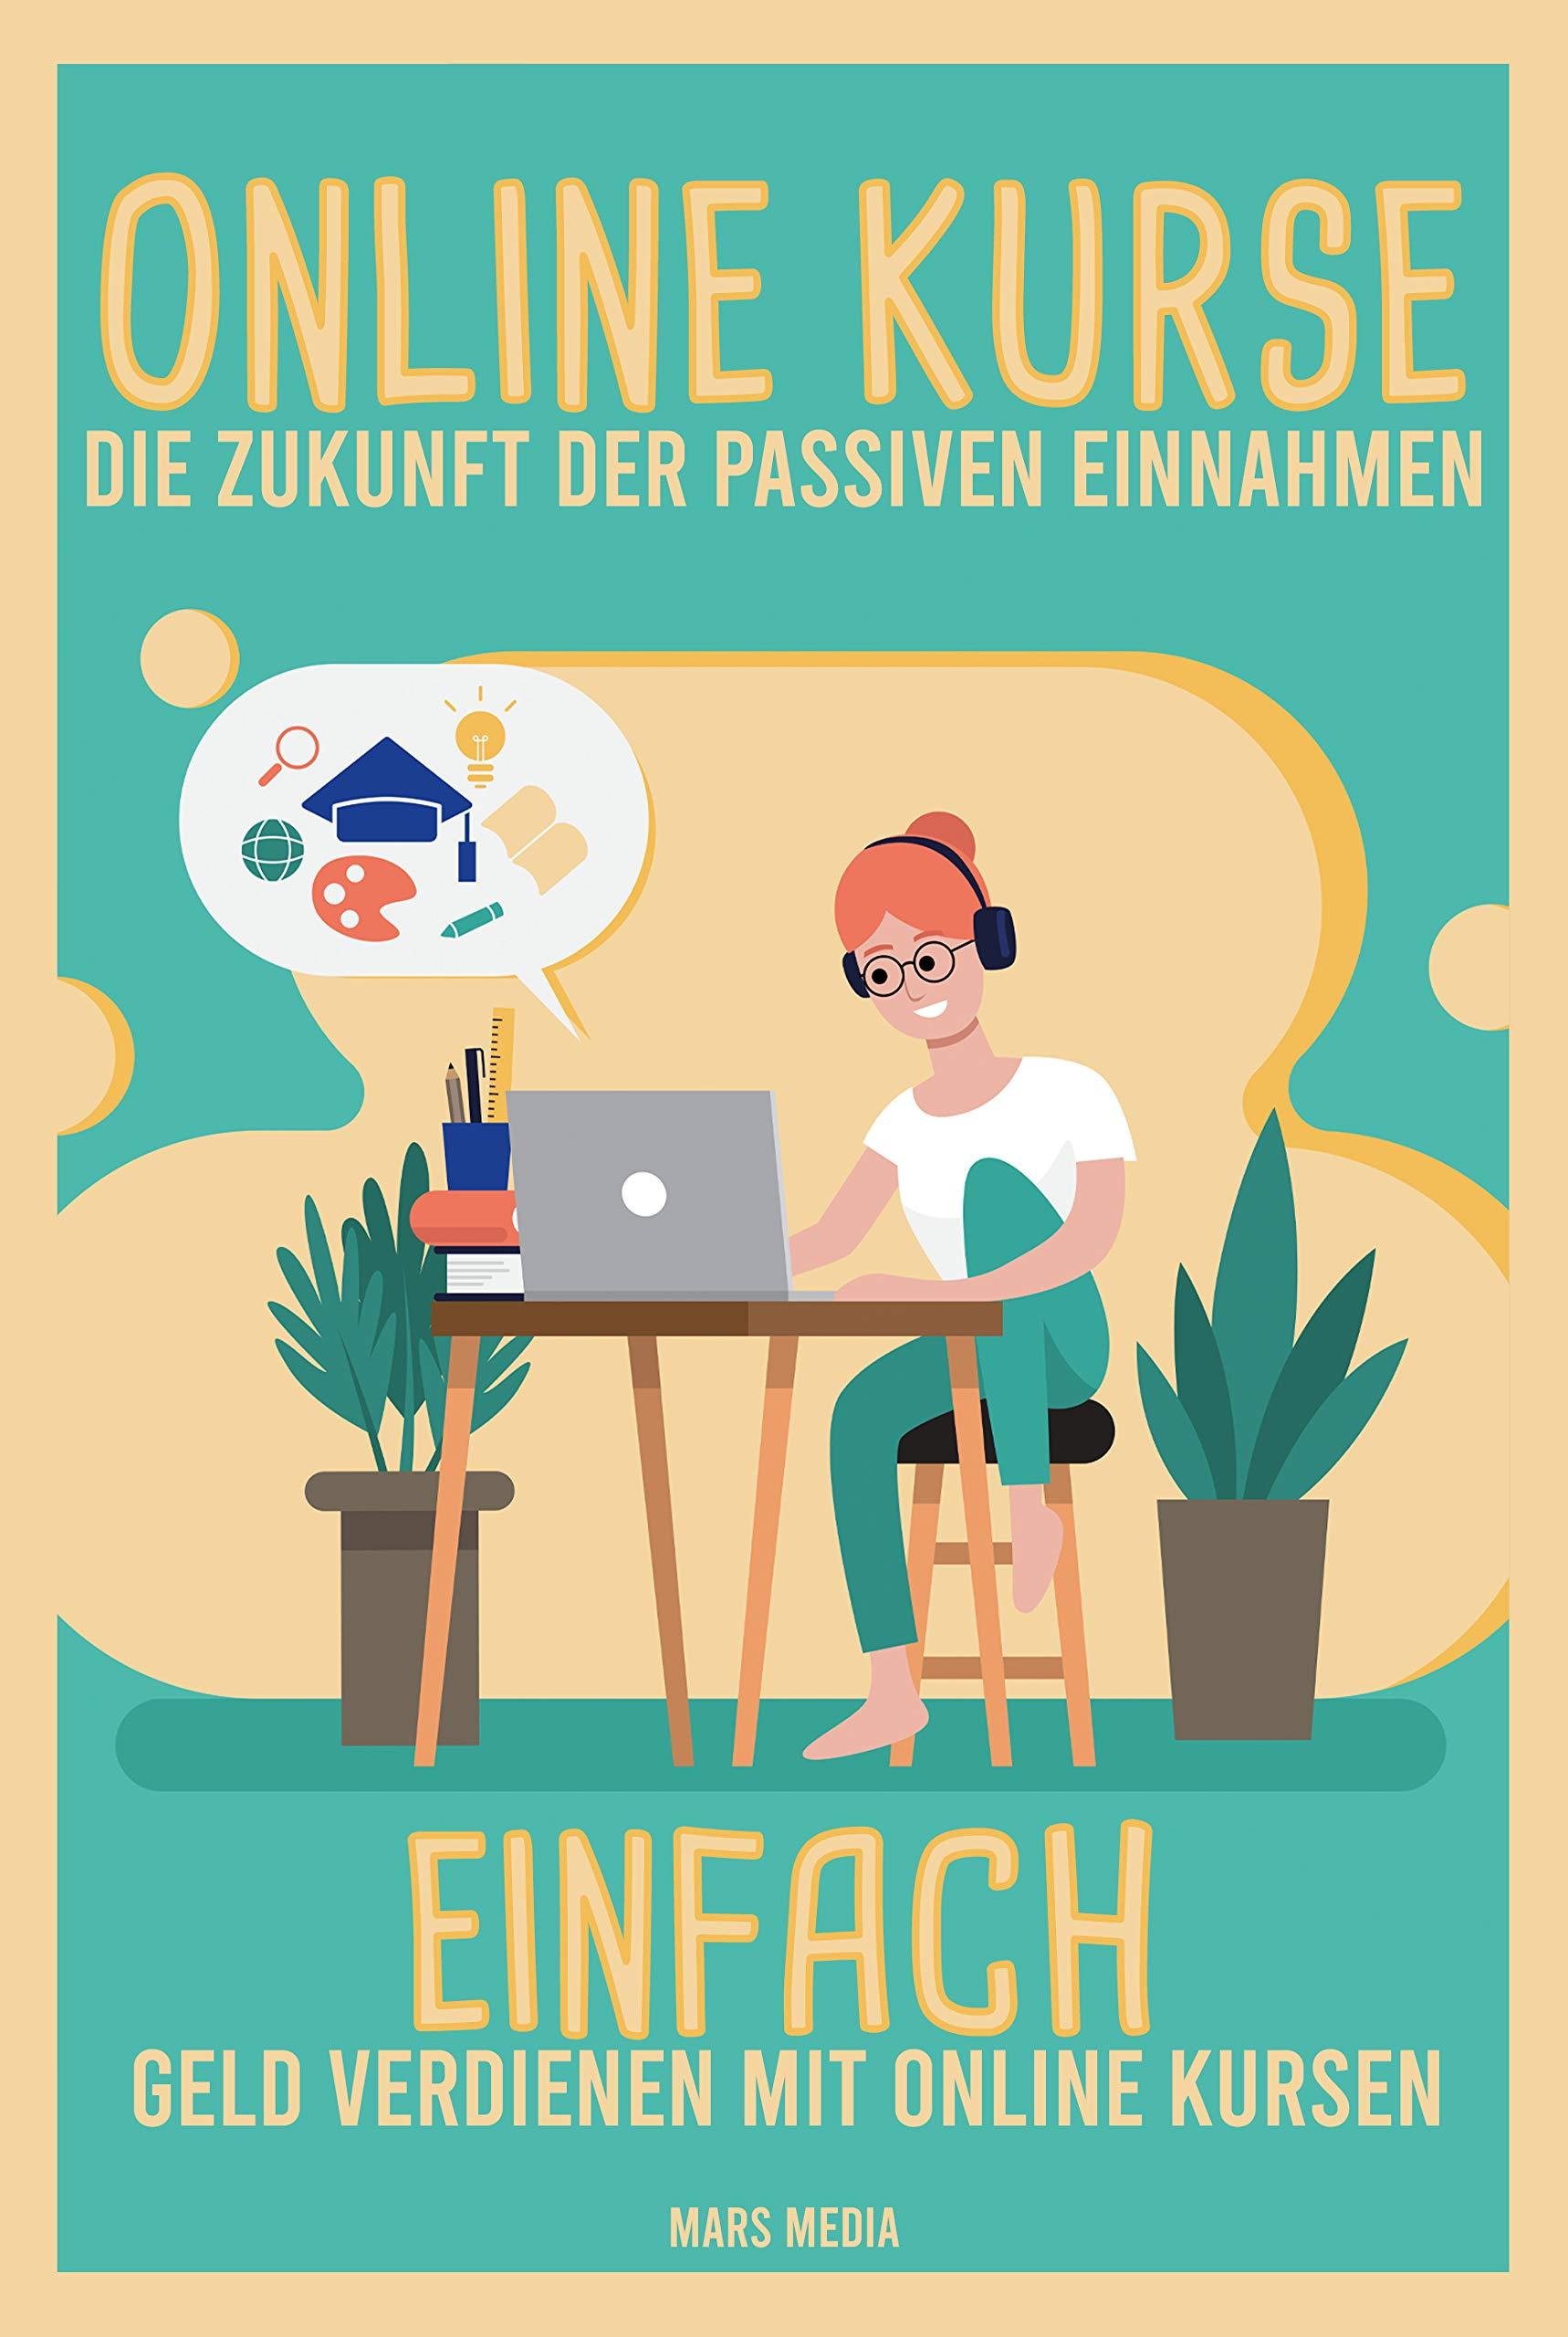 Online Kurse: Die Zukunft der passiven Einnahmen: Einfach Geld verdienen mit Online Kursen auf Udemy (German Edition)